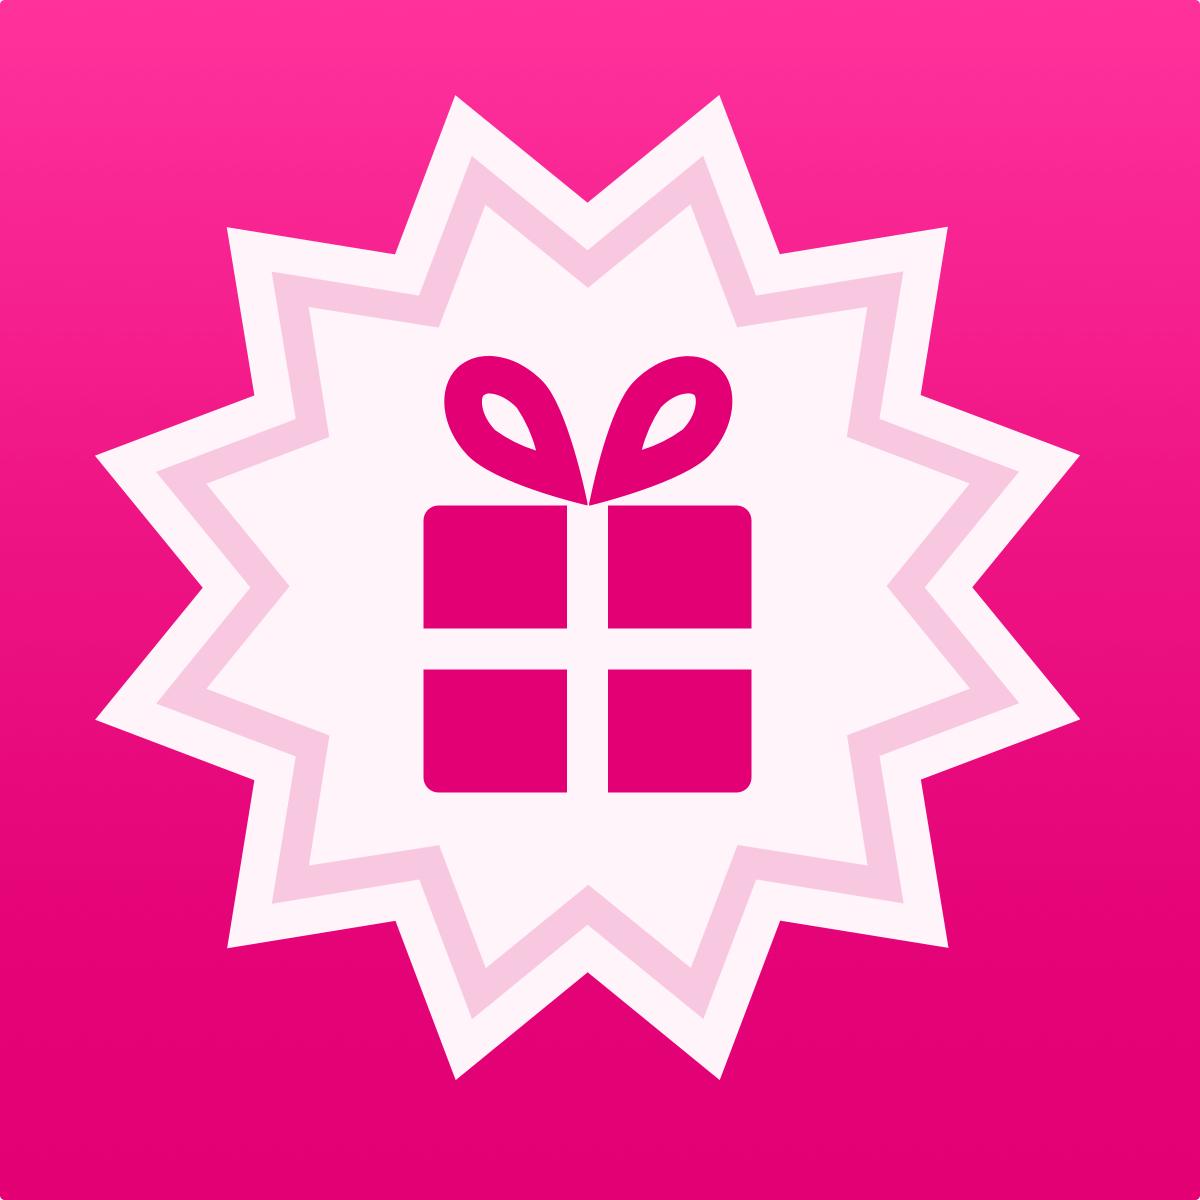 [Telekom Kunden] learnity.com Videokurse - 15 Stück kostenlos @Mega-Deal